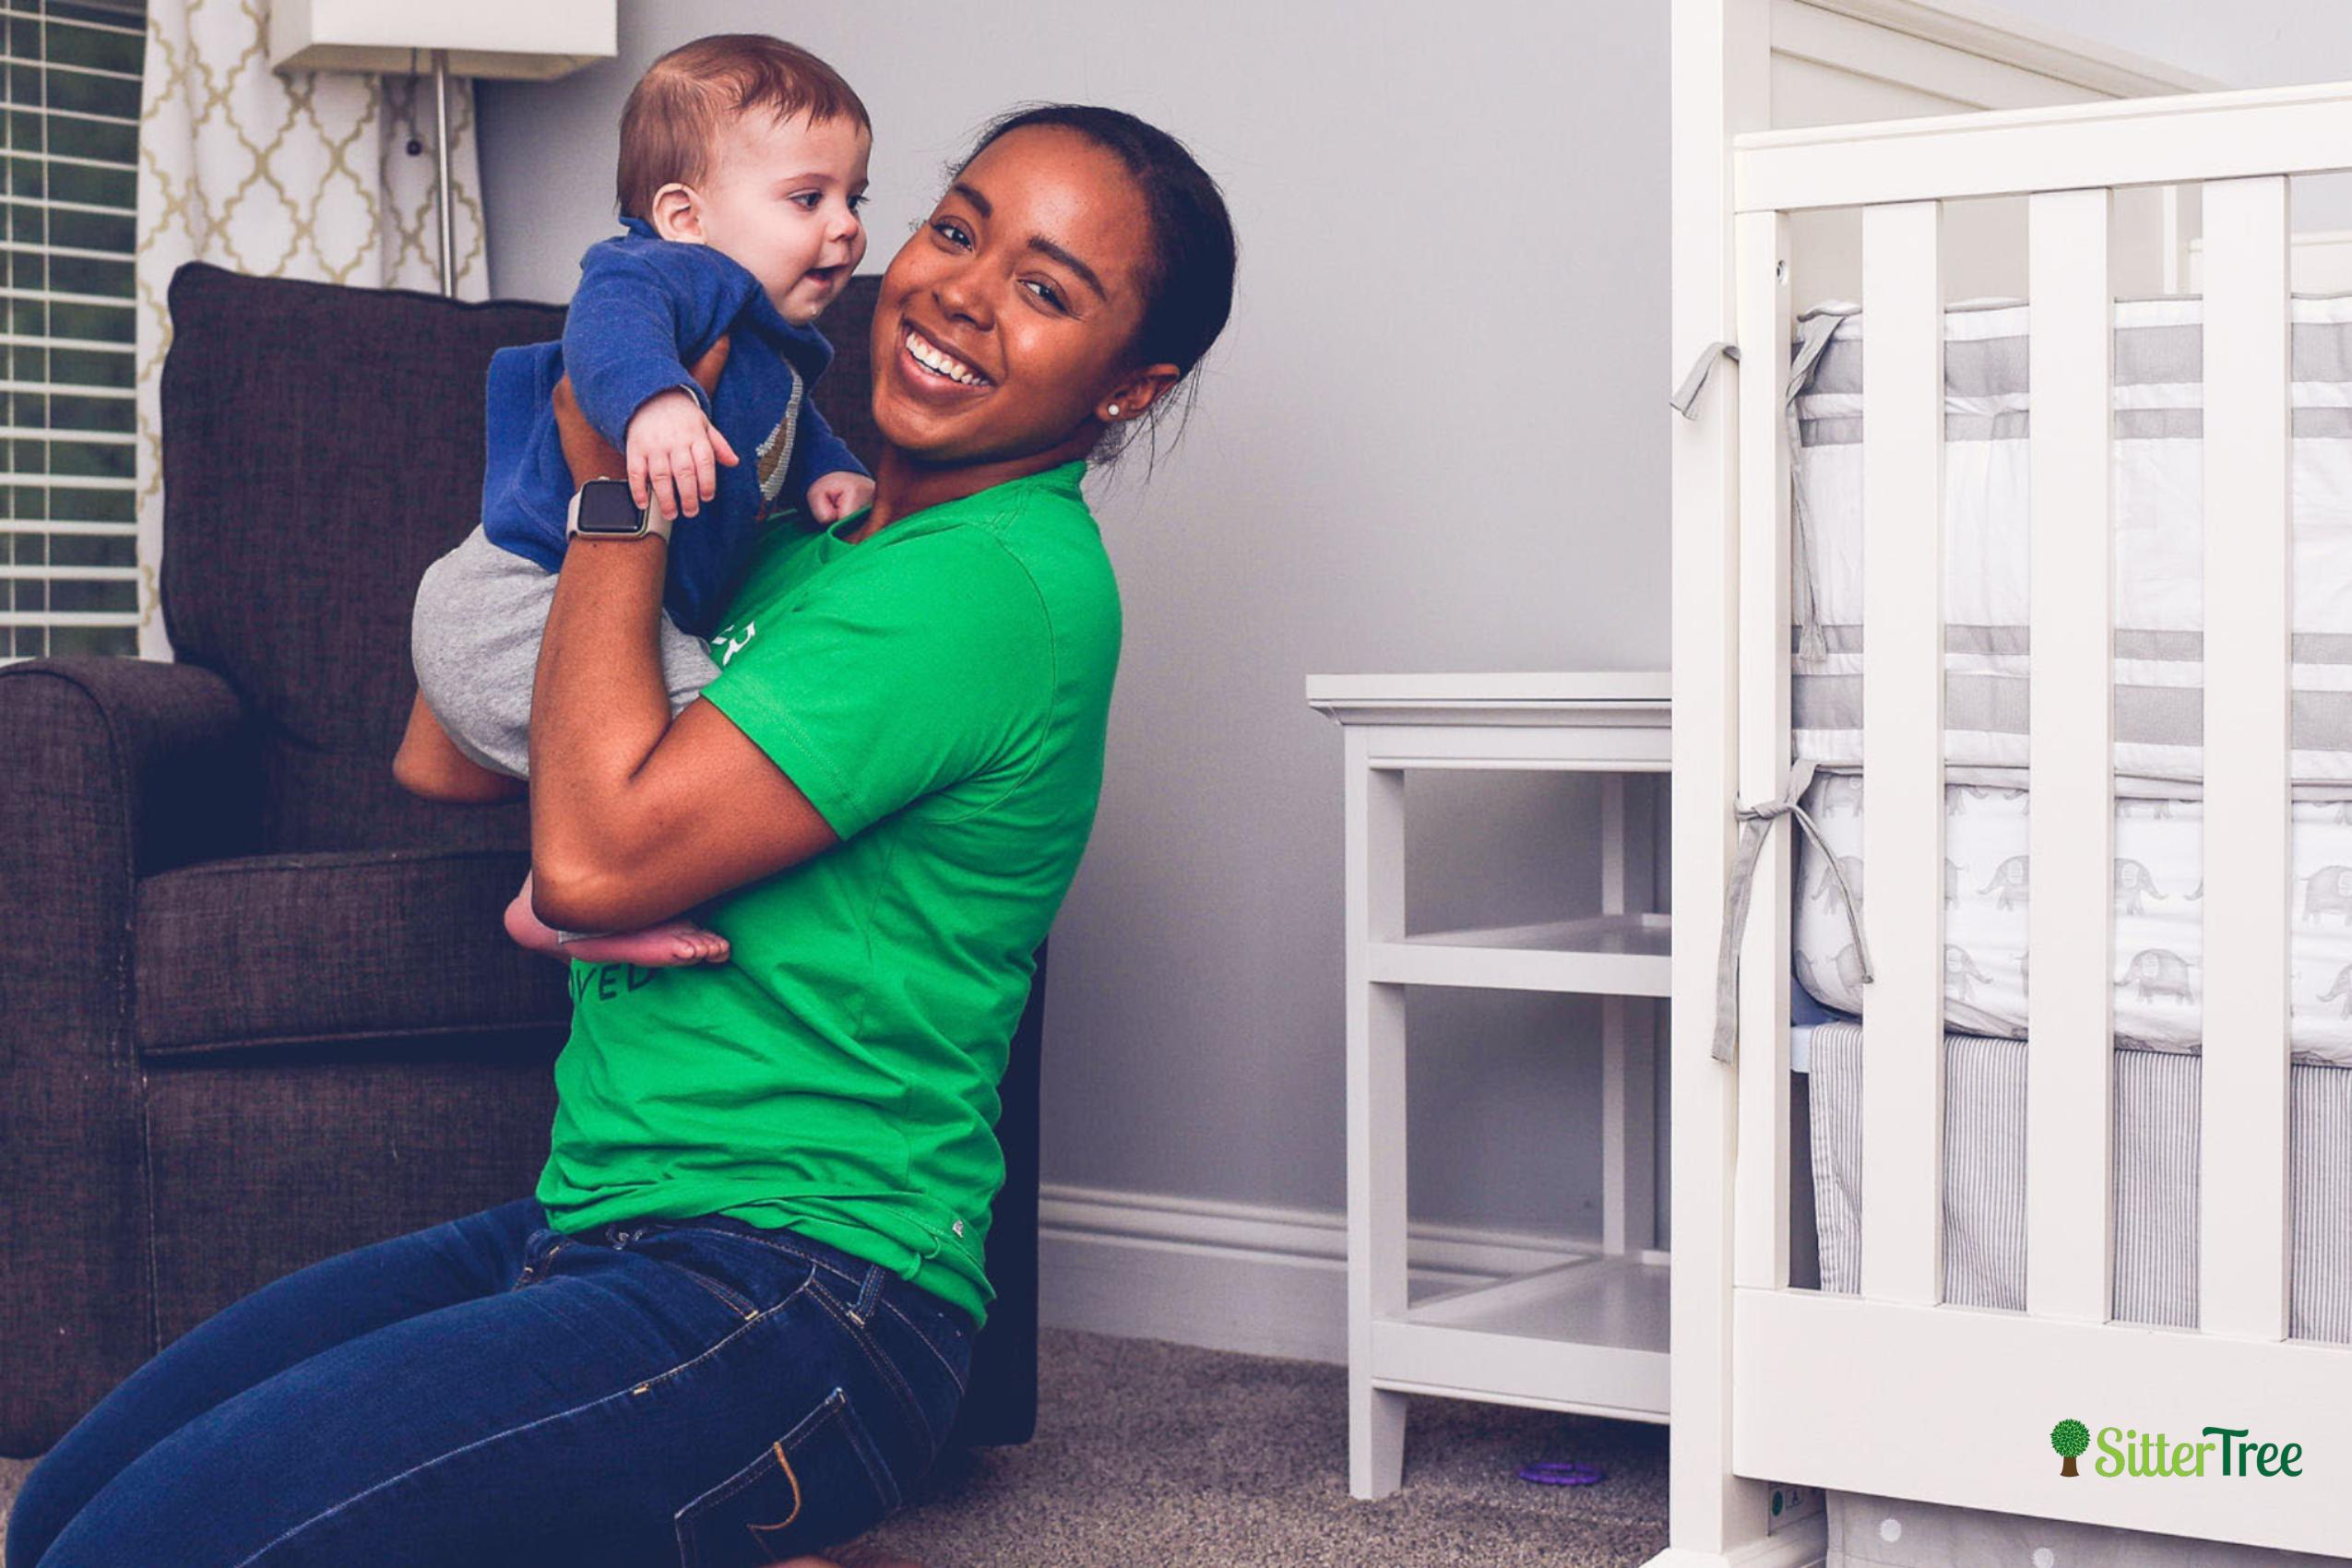 Safety Tips for Infants